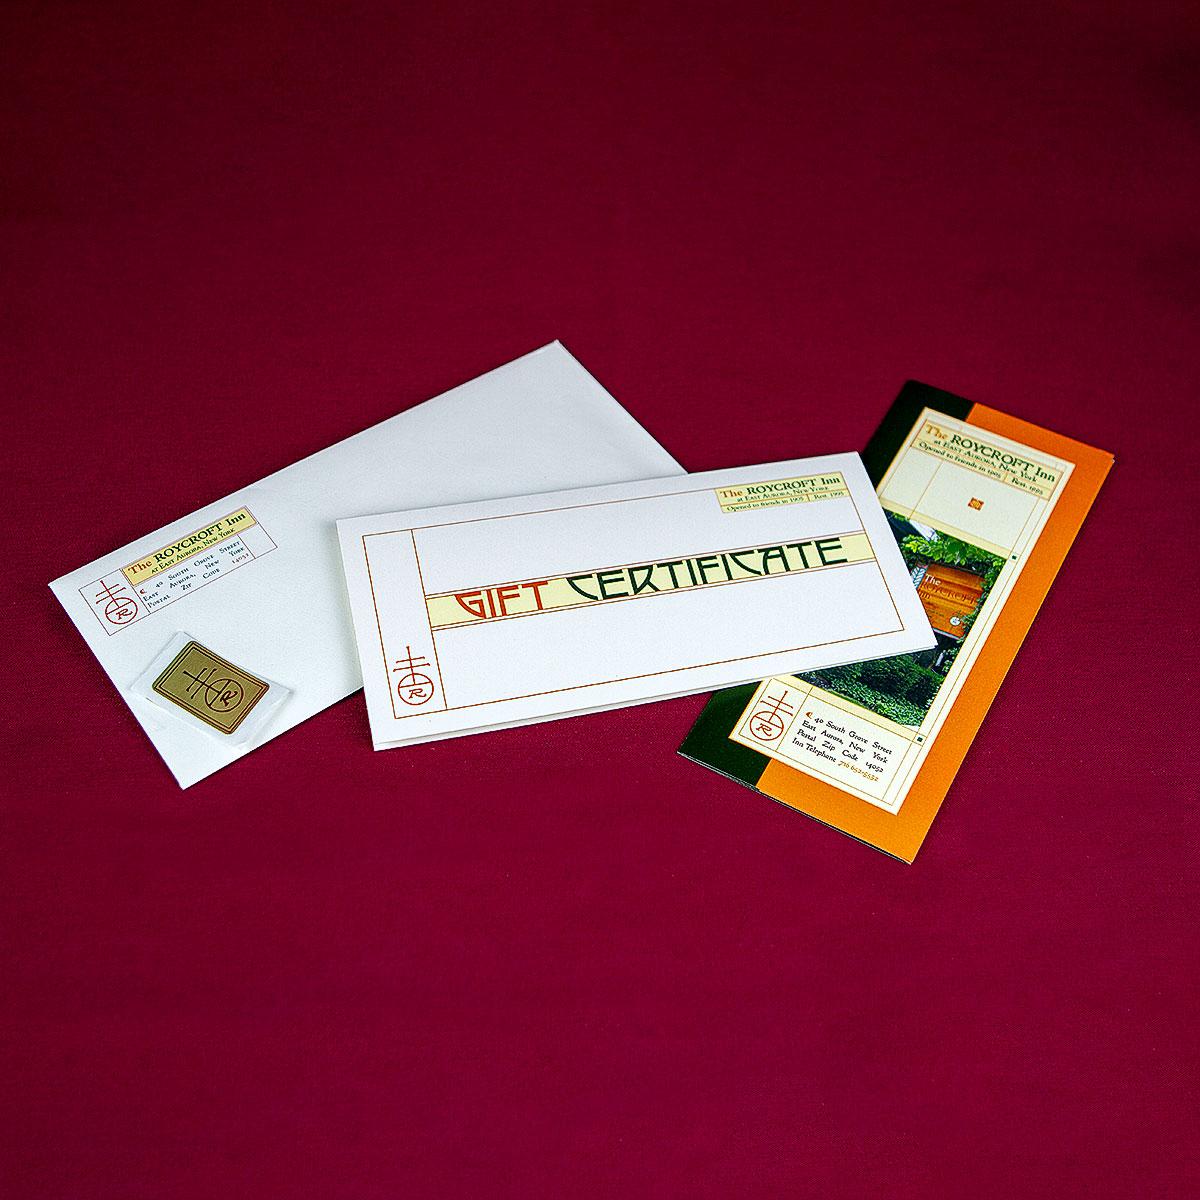 Roycroft Inn Gift Certificate